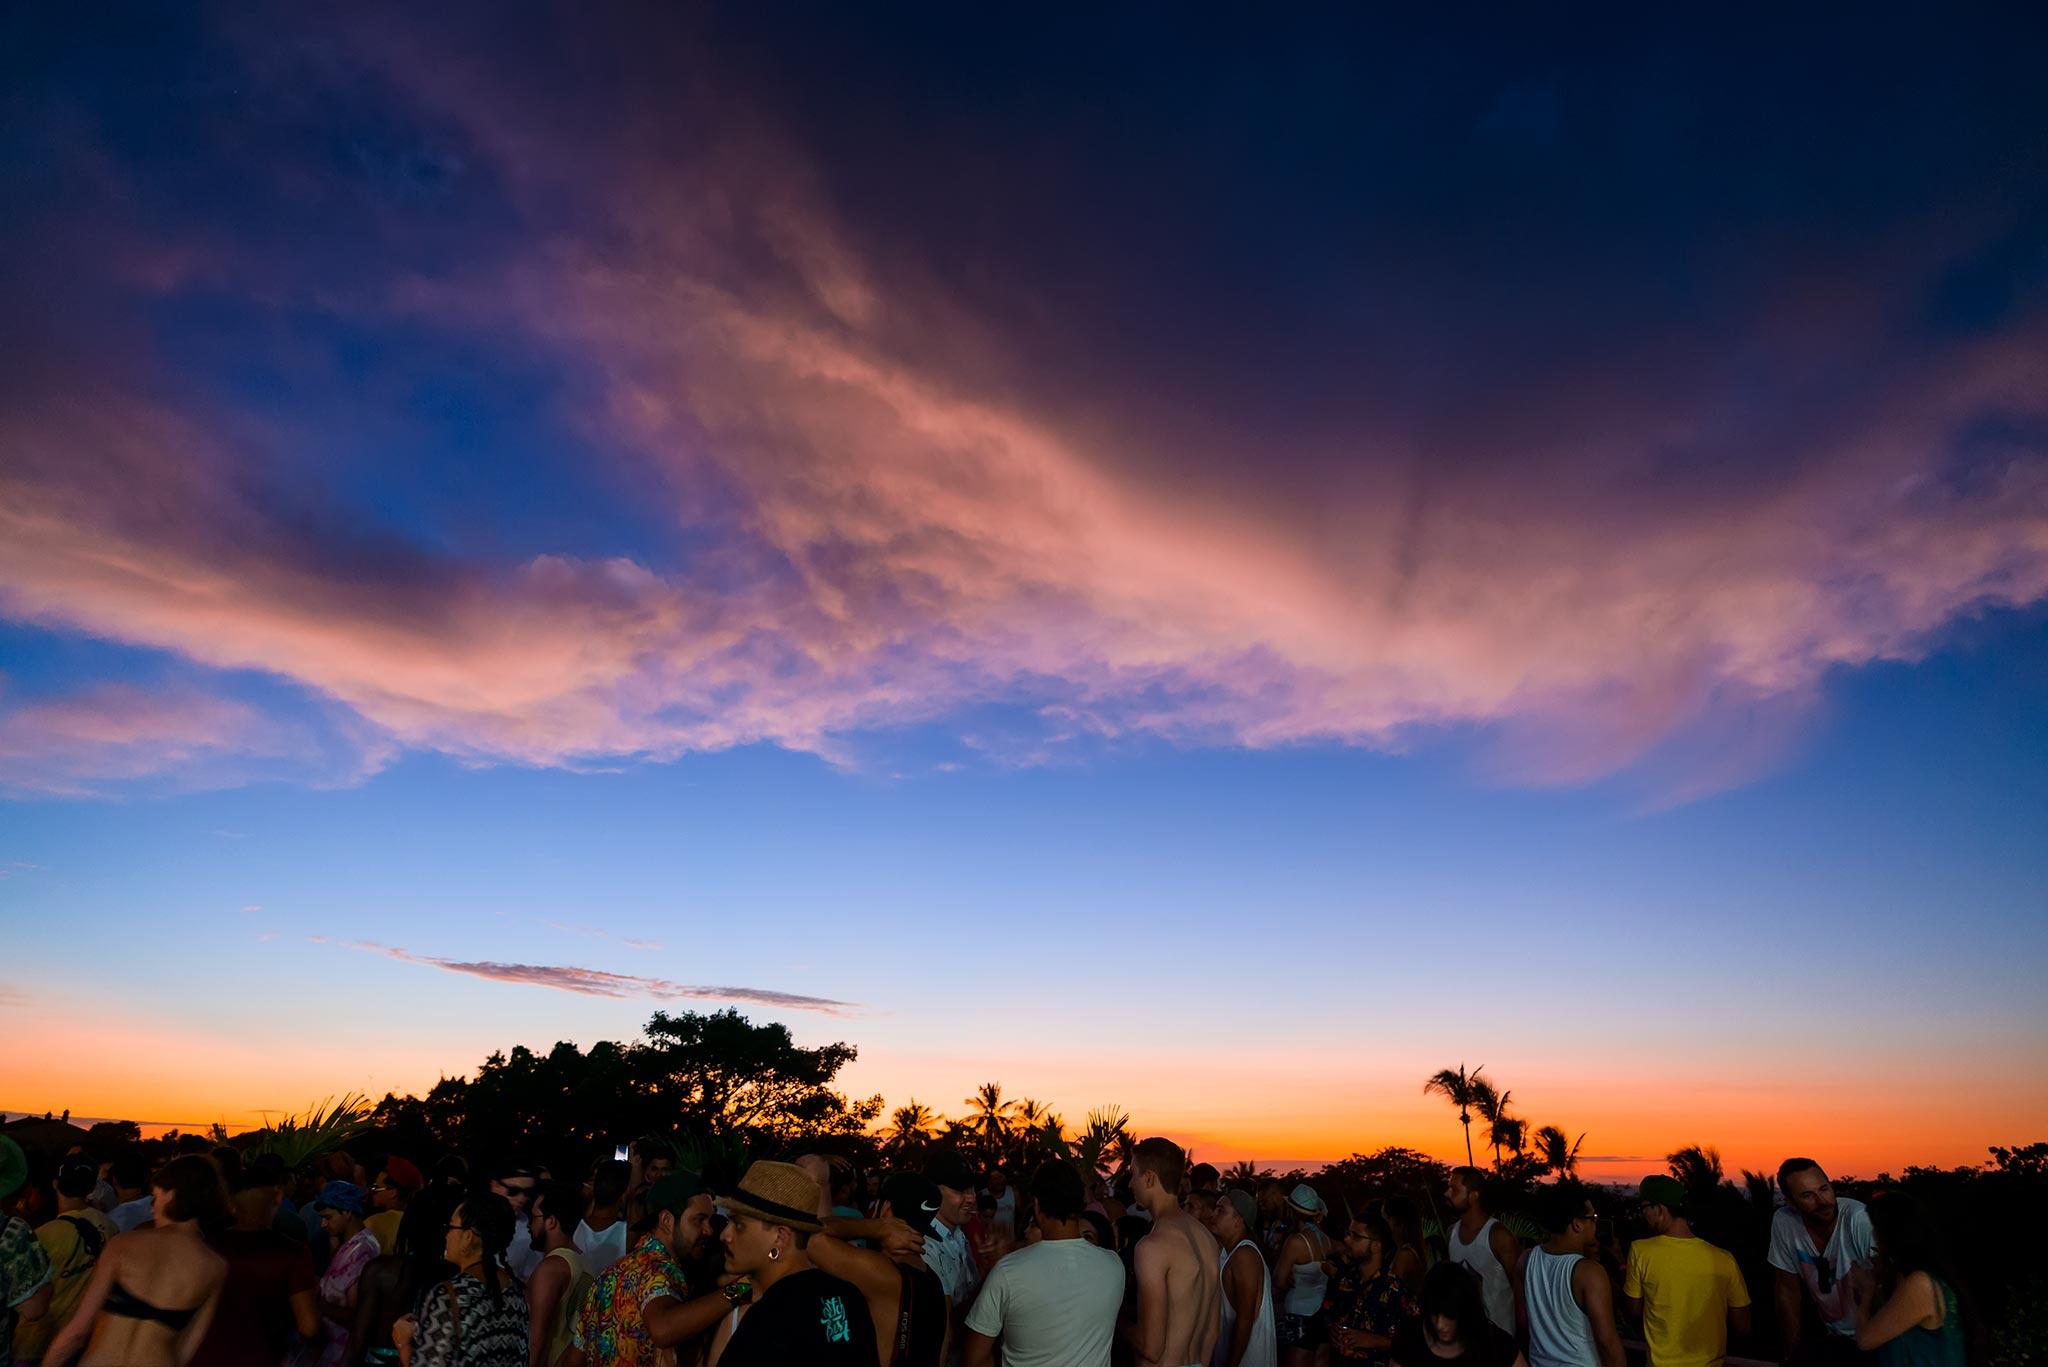 ocaso-festival-tamarindo-by-pablo-murillo-05-01-2018-0286